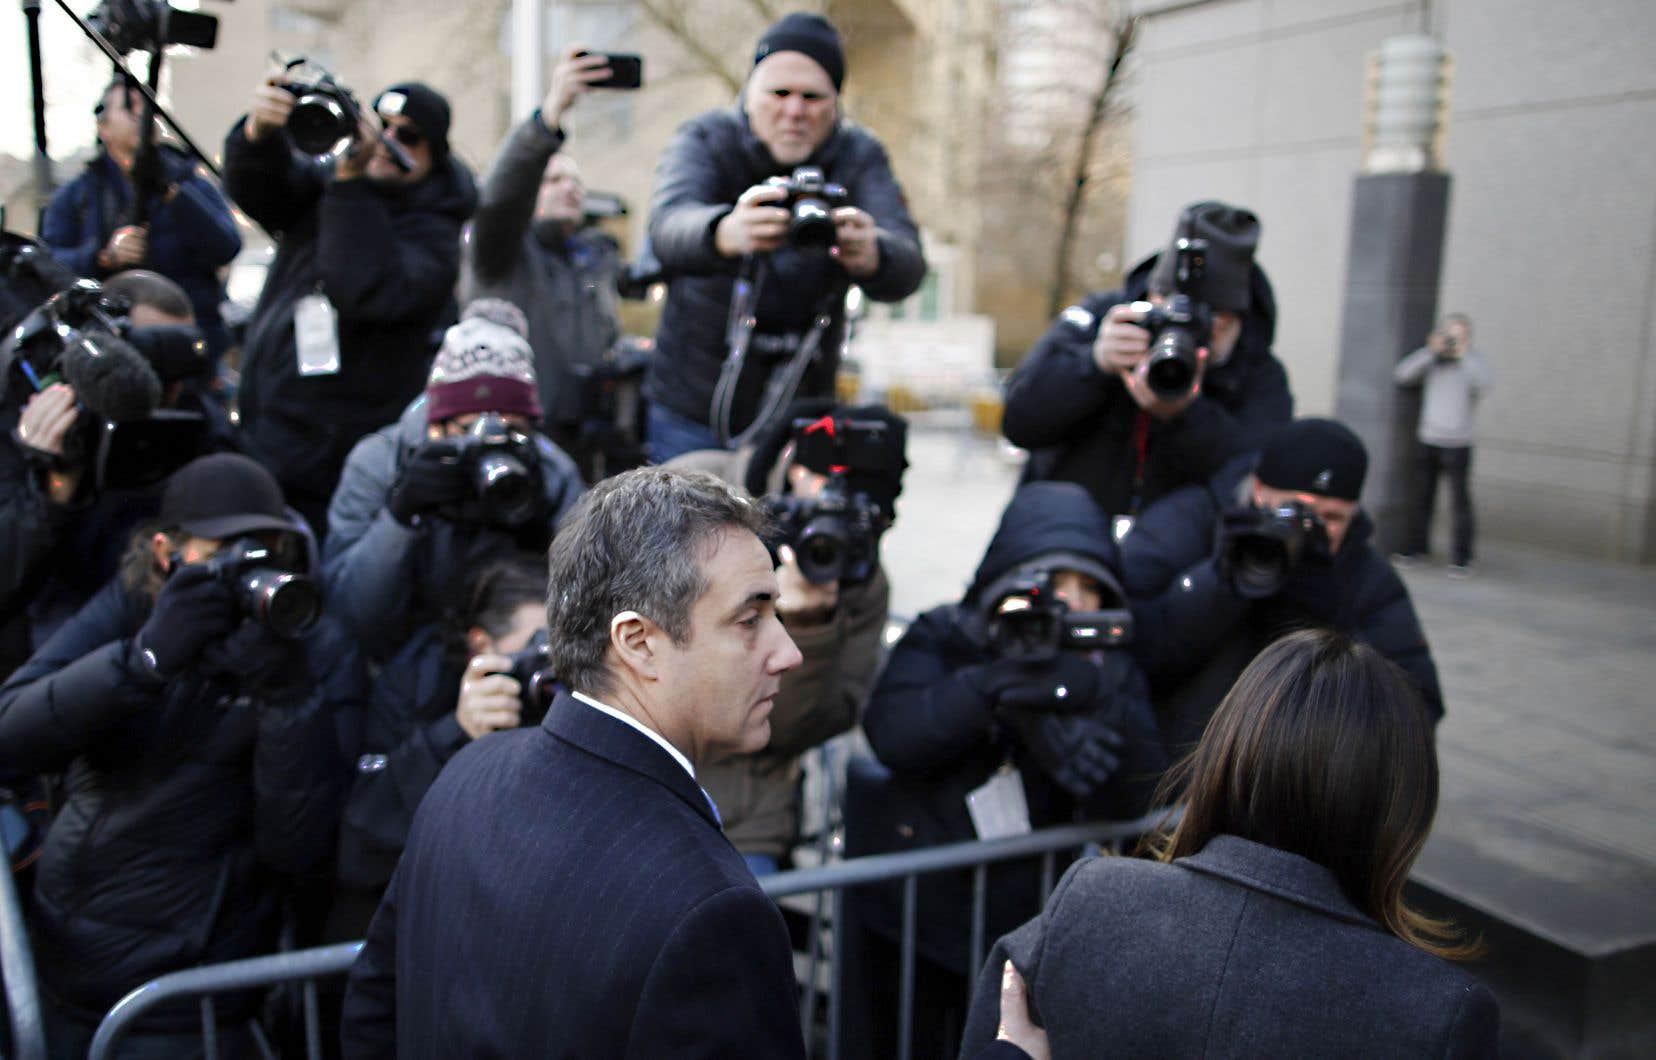 Michael Cohen à son arrivée à la cour fédérale à New York, mercredi, avant de connaître la nature de sa sentence.